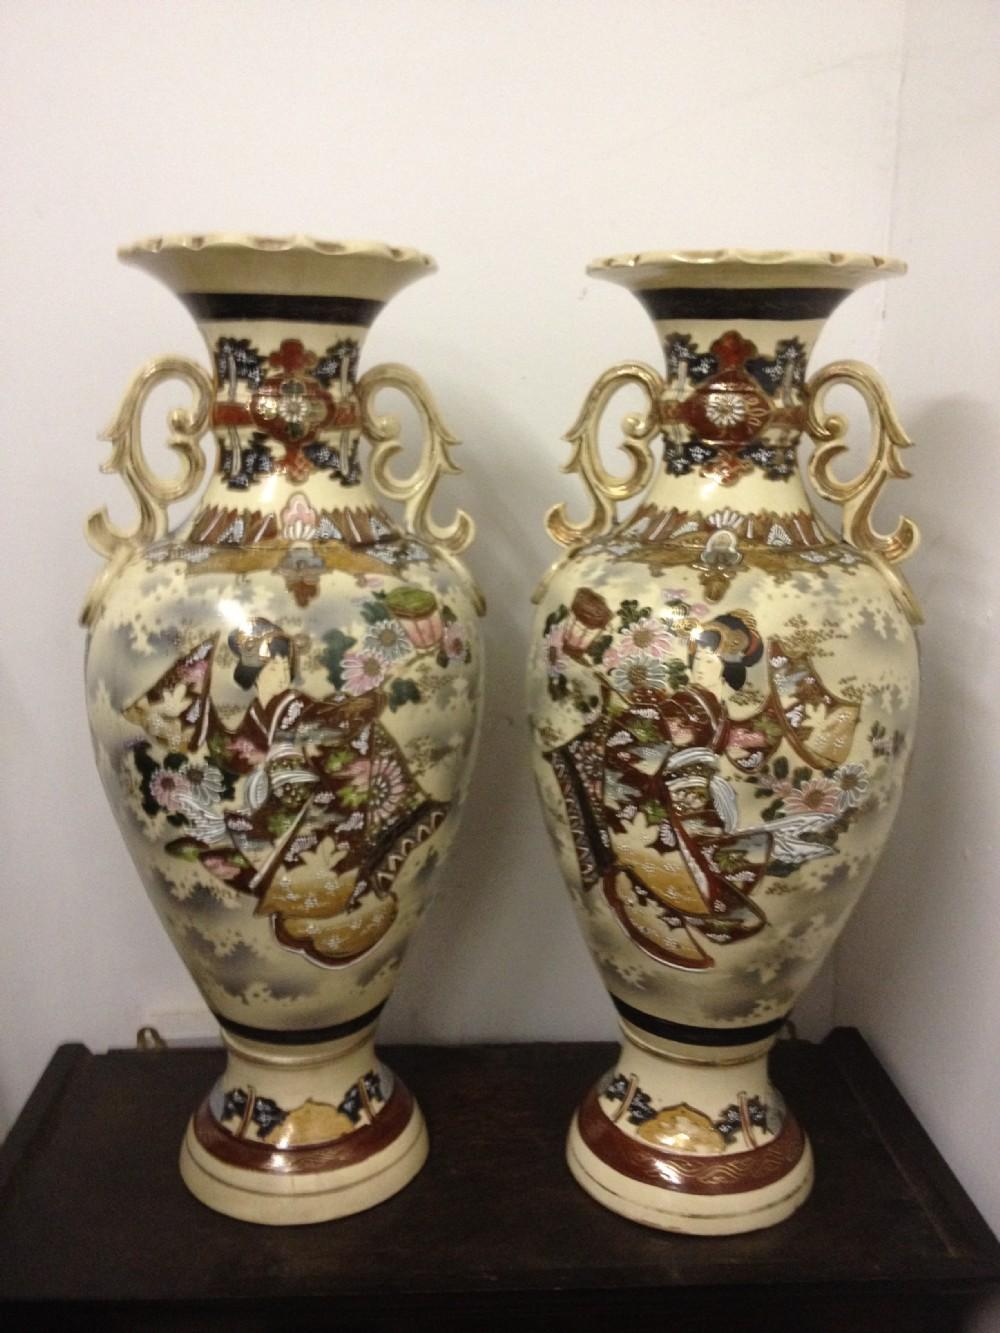 Satsuma vase value images satsuma vases antique reviewsmspy